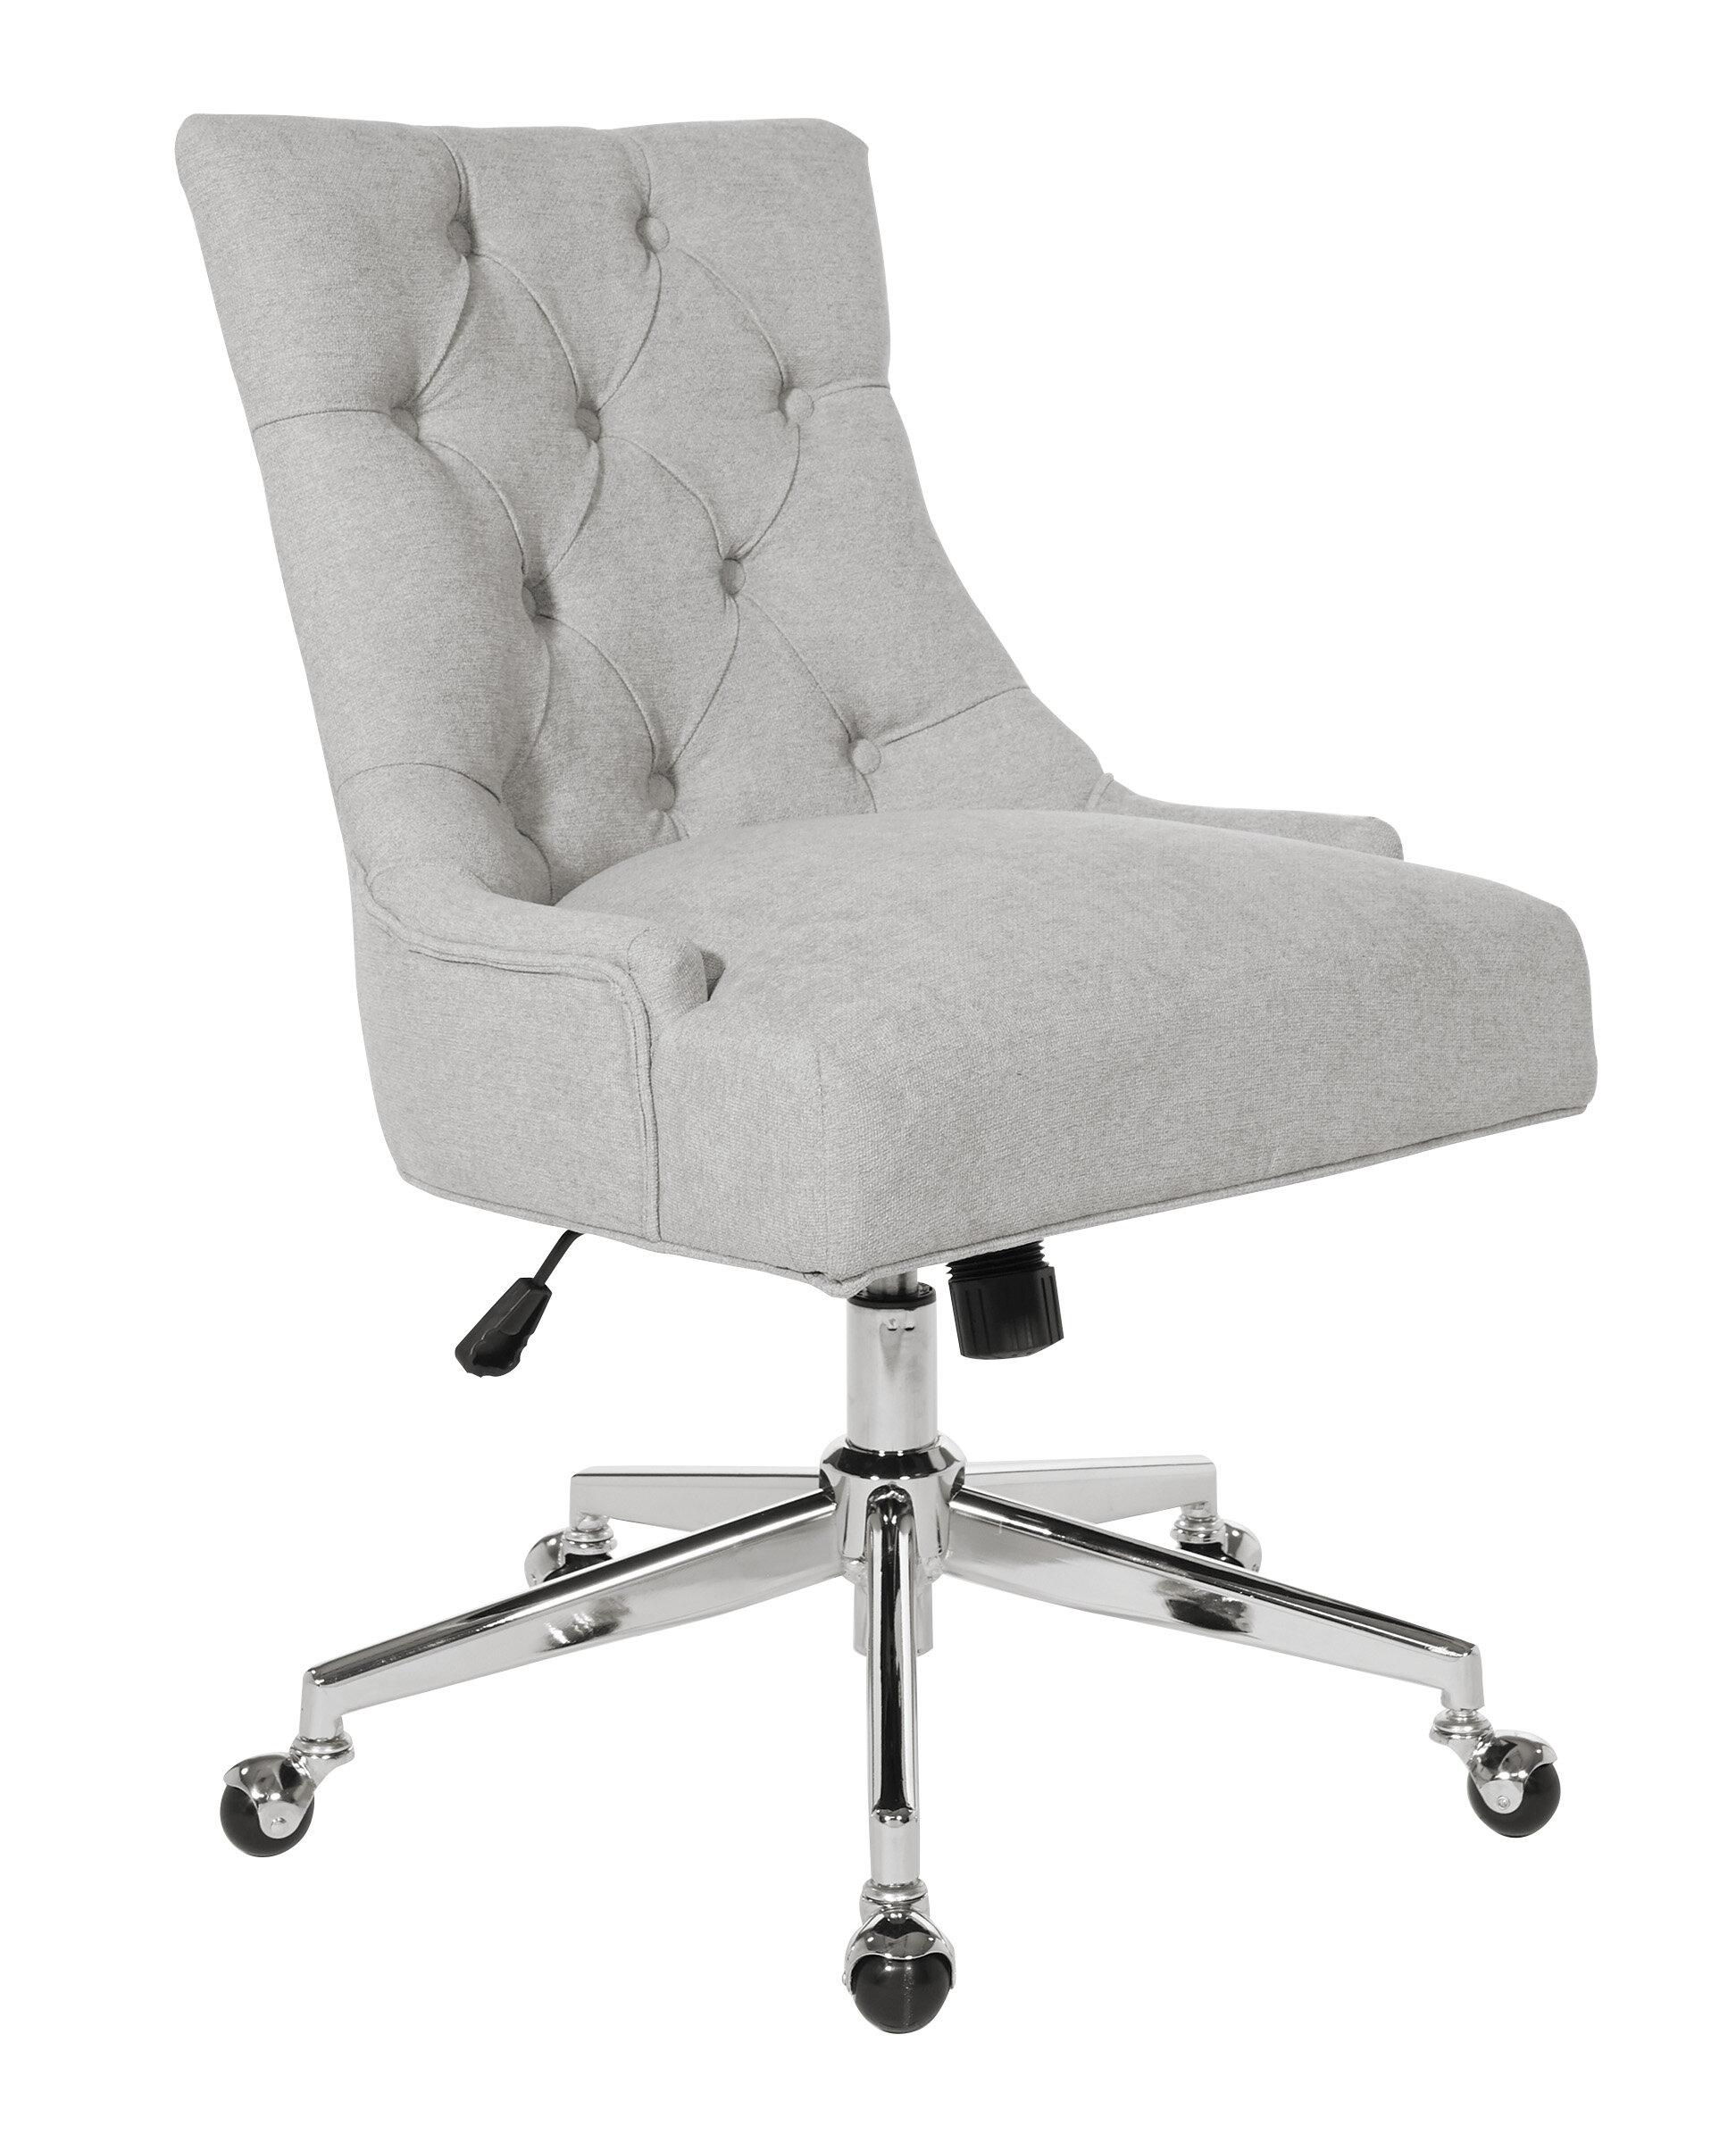 Charlton Home Vandermark Task Chair Reviews Wayfair